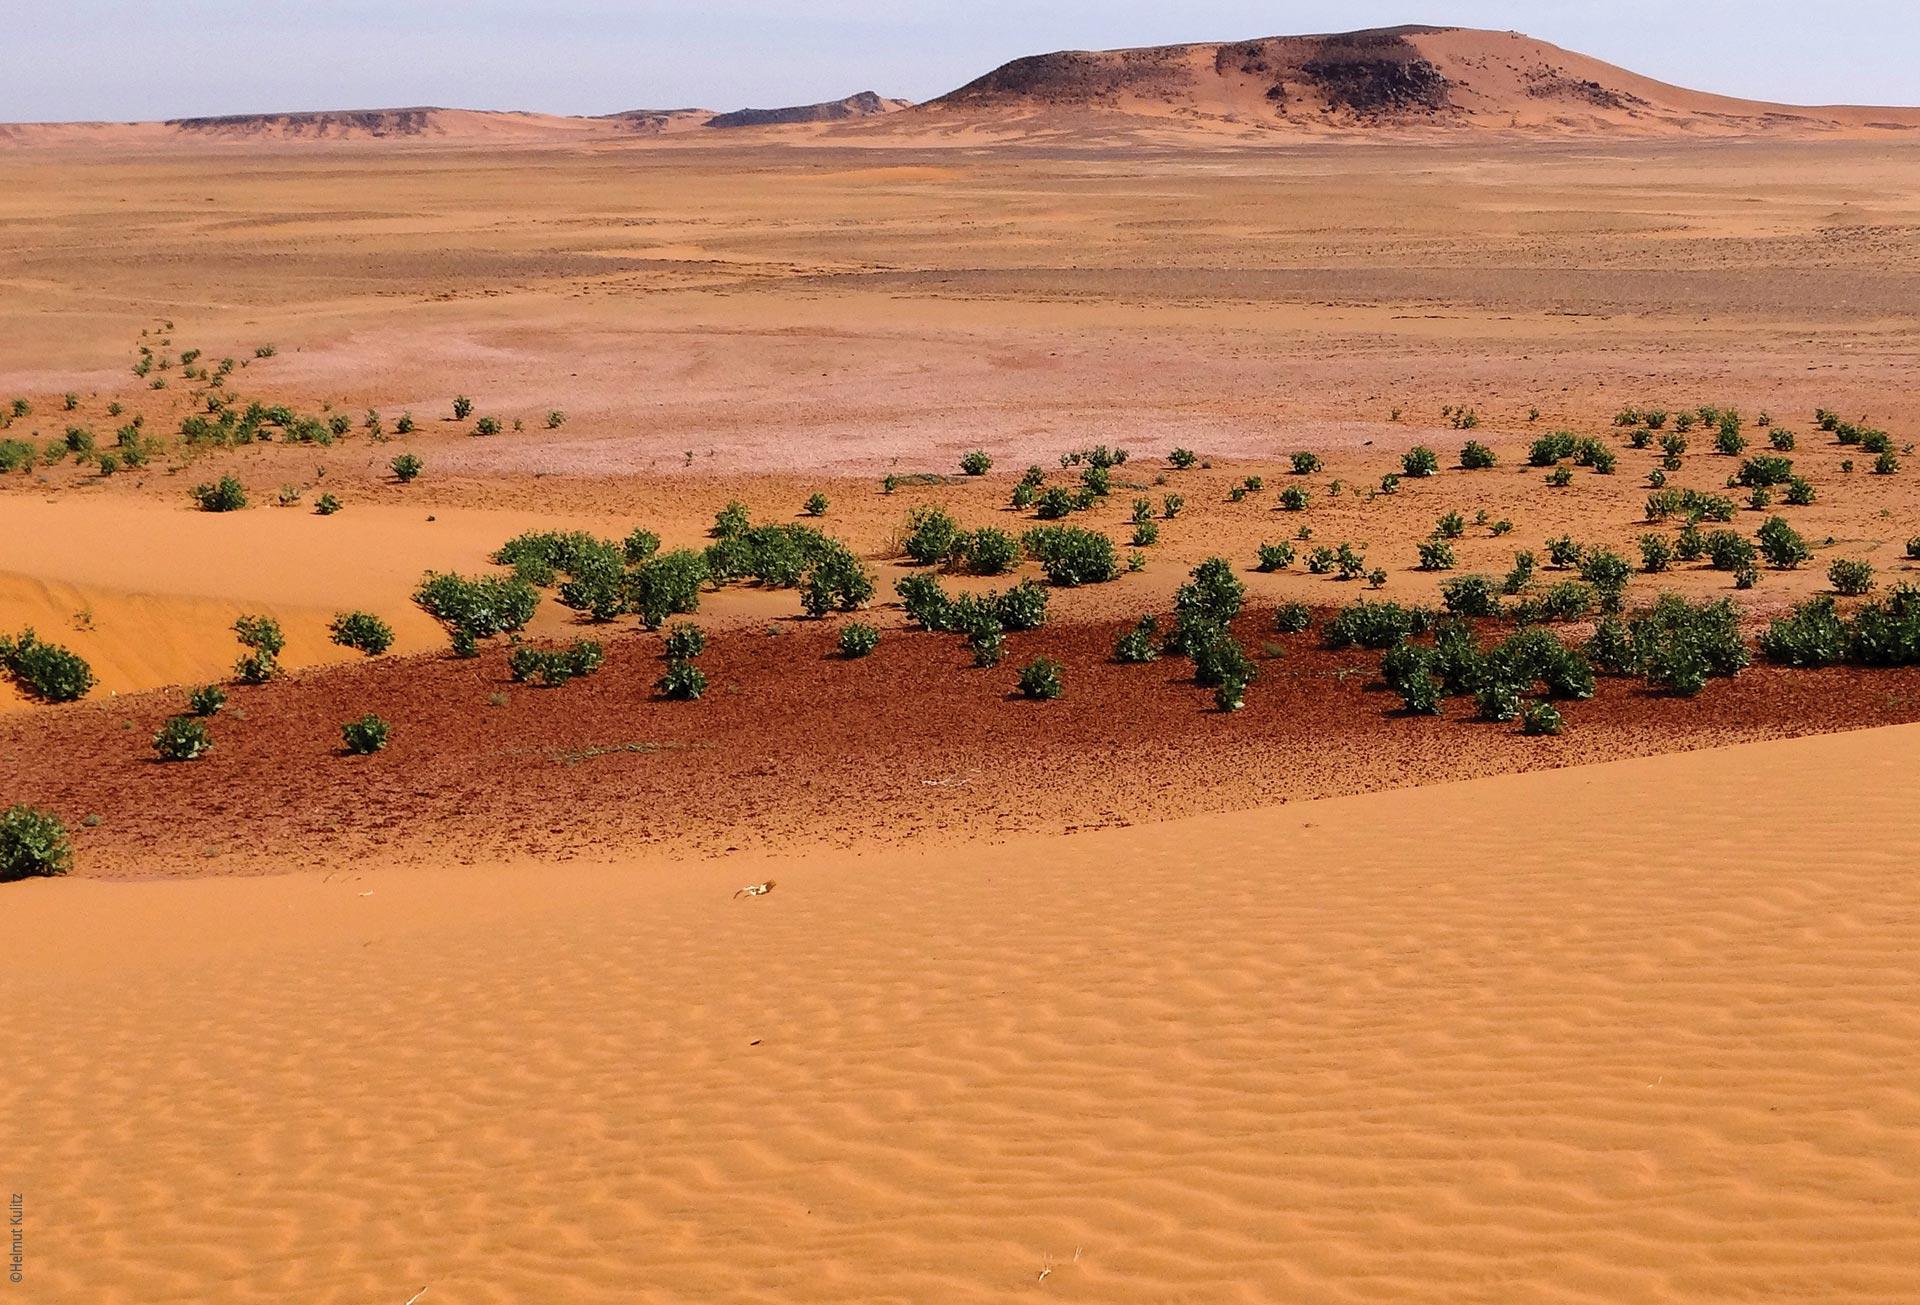 Forschungen und Expeditionen im Norden des Tschad, Blick in die Wüste, Explore Chad